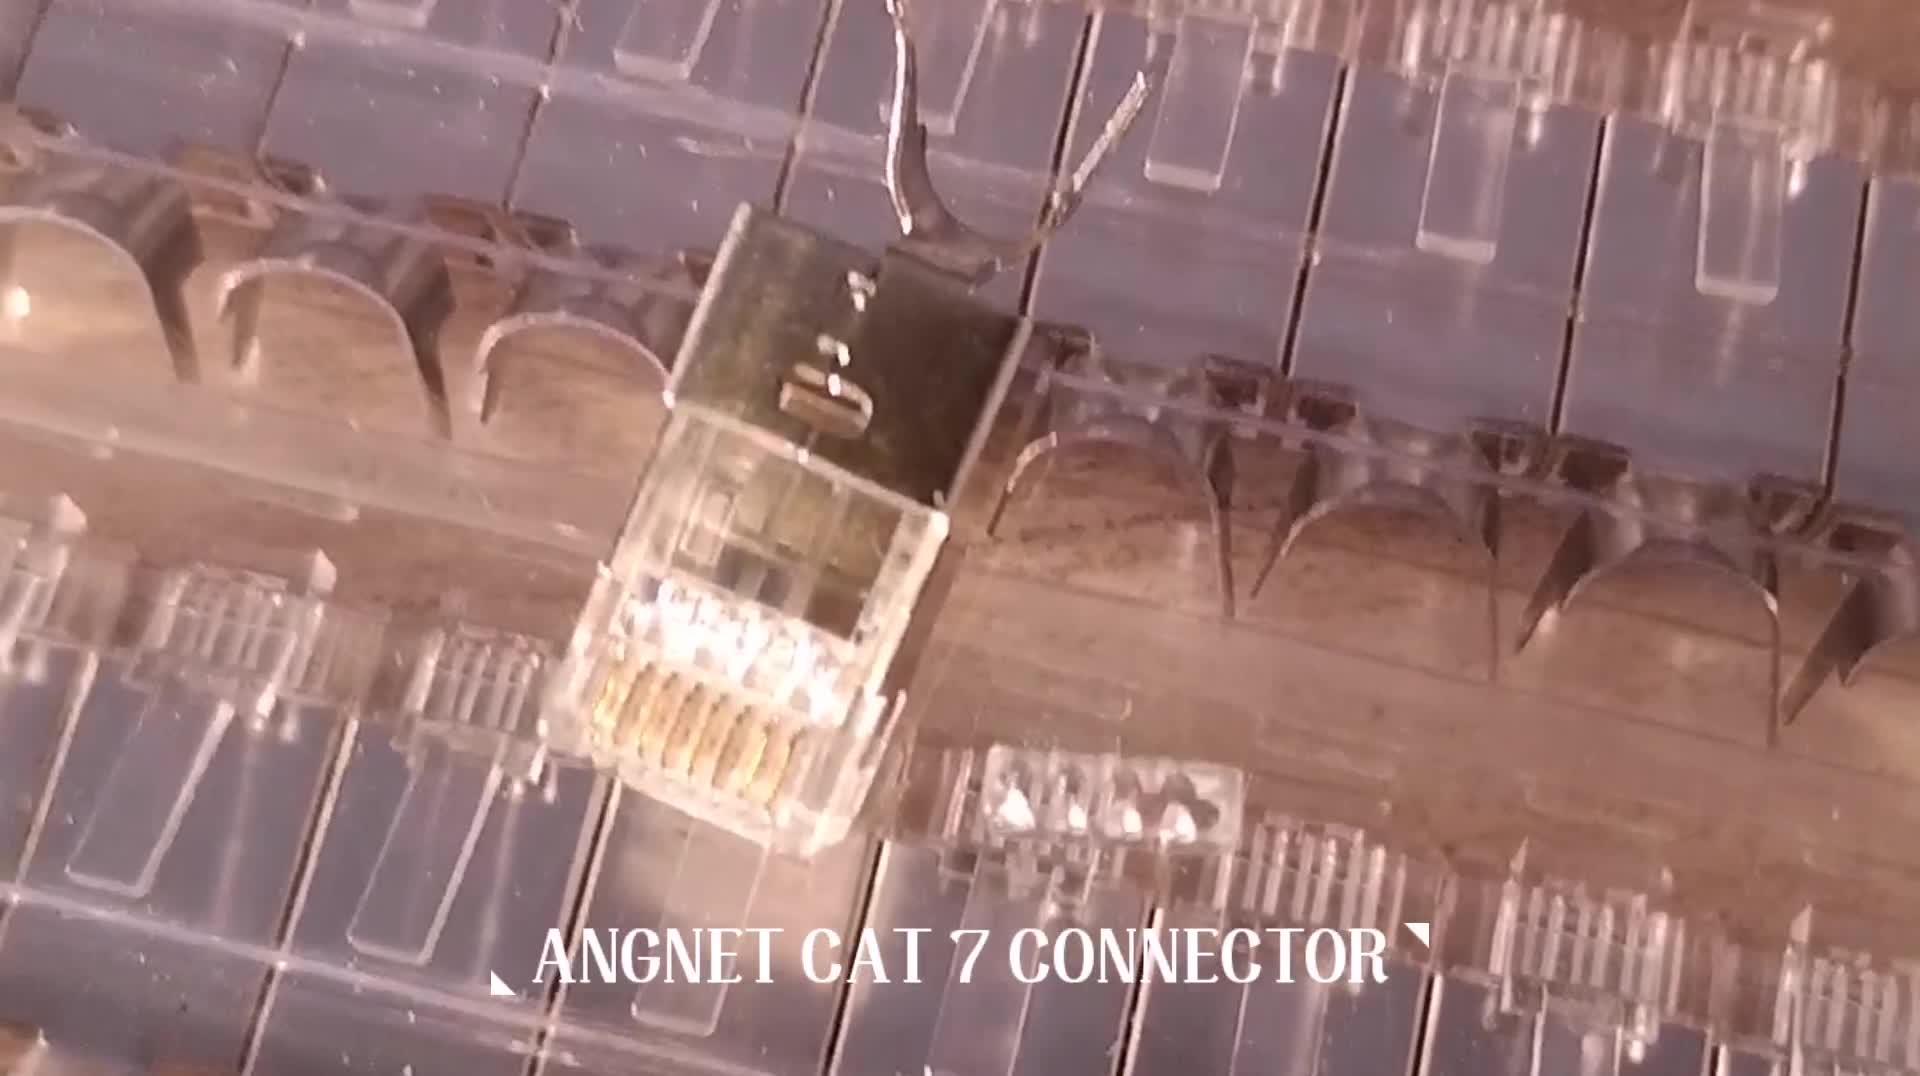 1.5mm Tel Delik RJ 45 Cat 7 Konnektör Fişi Korumalı Cat6a Cat7 RJ45 Fiş